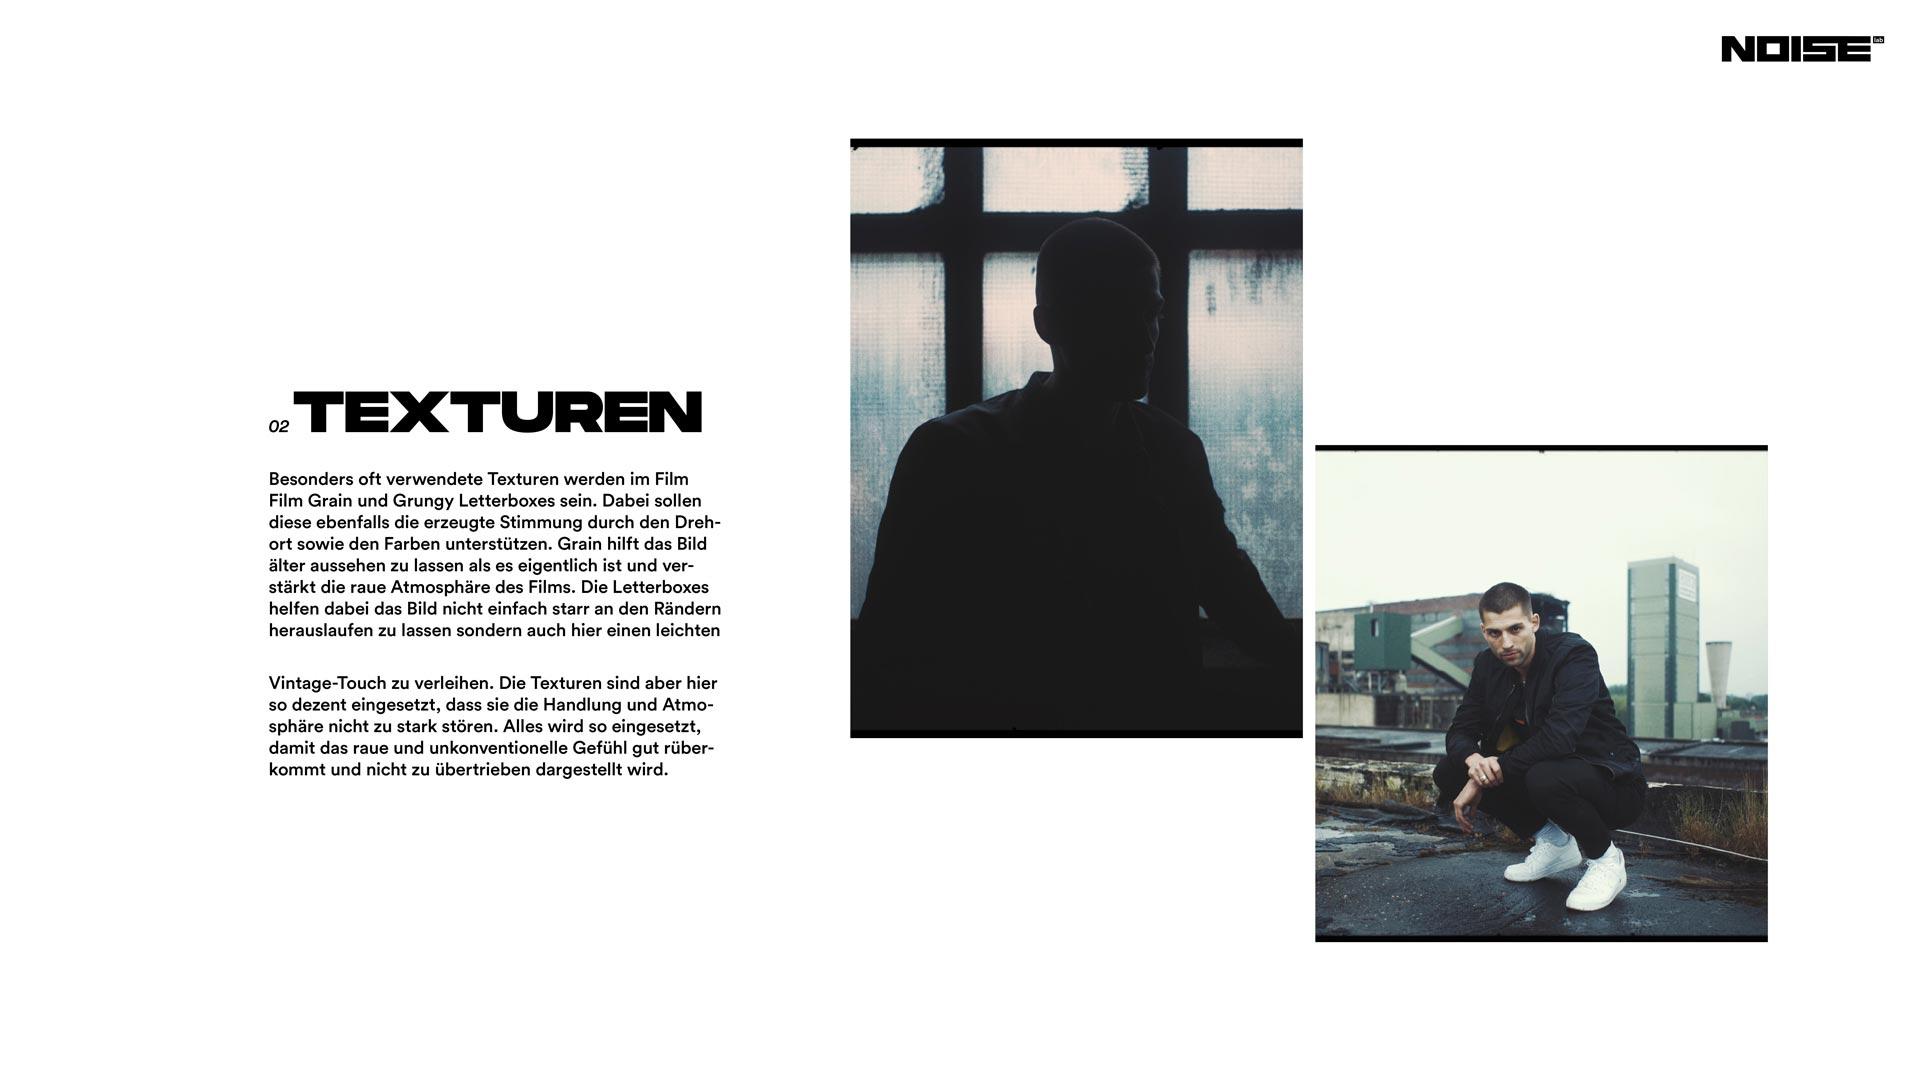 Film_LennartKrampNikWurzenberger_Asset08_1920x1080